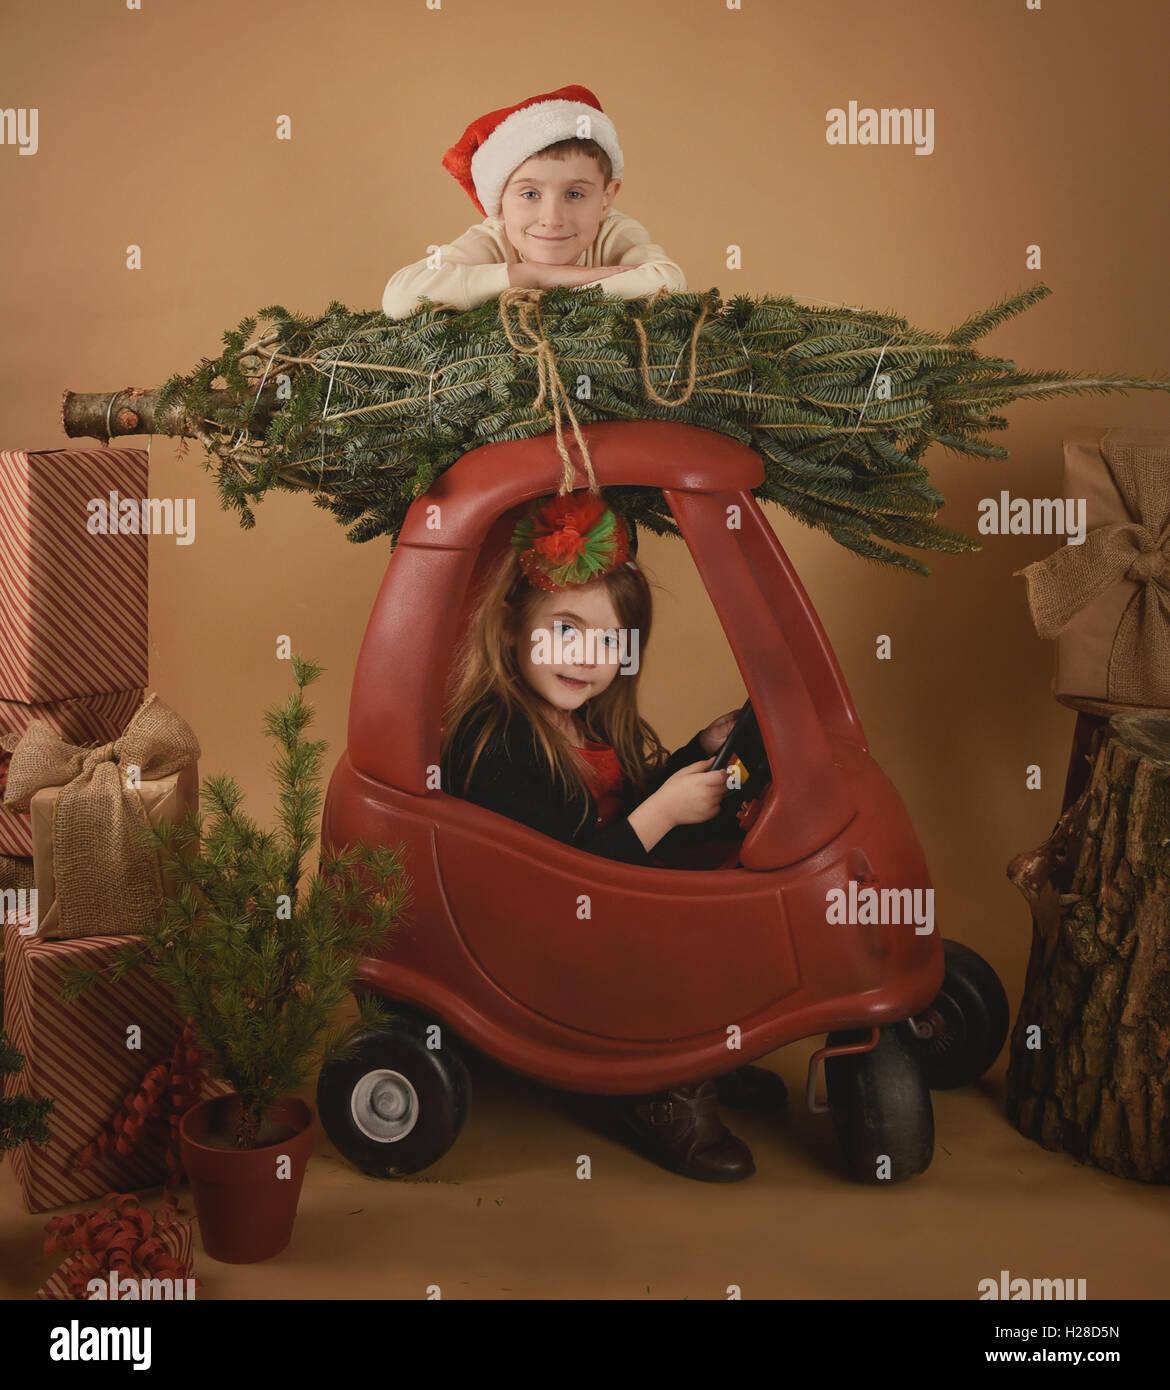 Dos niños están jugando a la Navidad en un estudio de fondo con un árbol y regalos de vacaciones Imagen De Stock